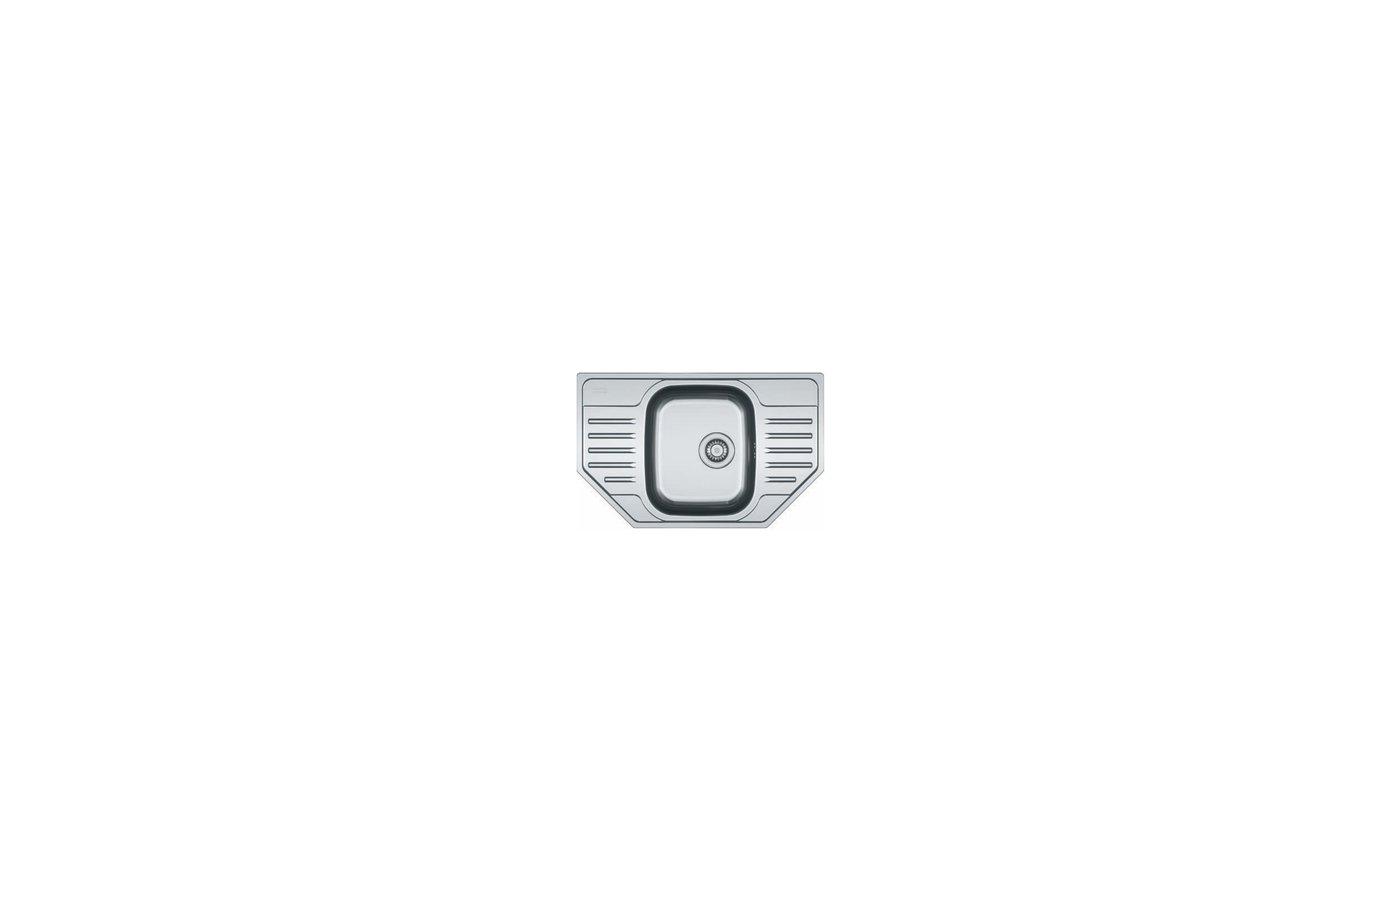 Кухонная мойка FRANKE POLAR PXN 612-E Стоп-вентиль 3.5 + комплект для монтажа